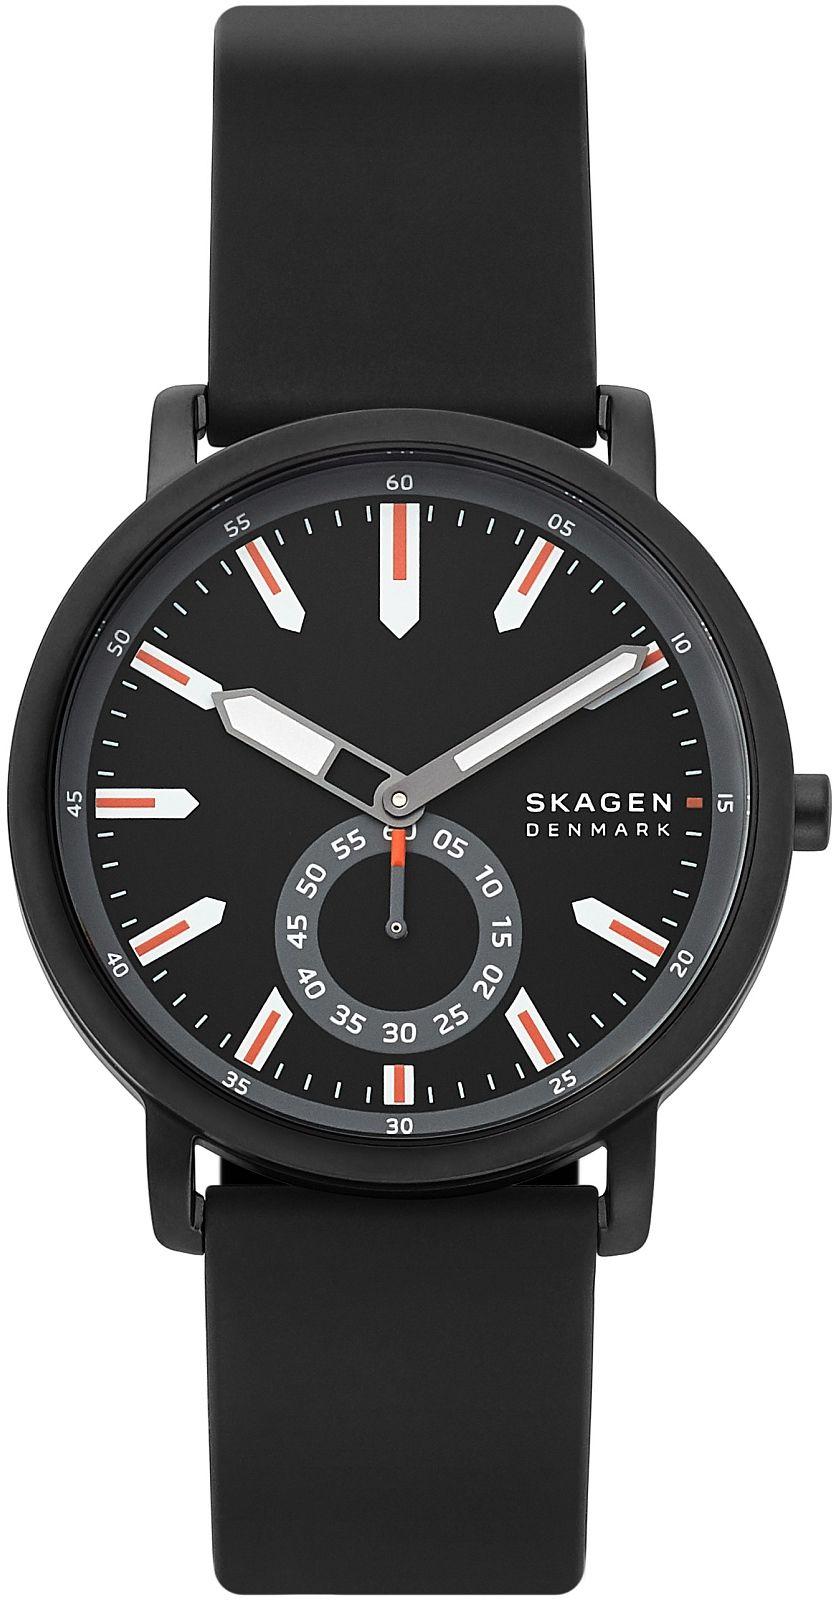 Skagen SKW6612 > Wysyłka tego samego dnia Grawer 0zł Darmowa dostawa Kurierem/Inpost Darmowy zwrot przez 100 DNI